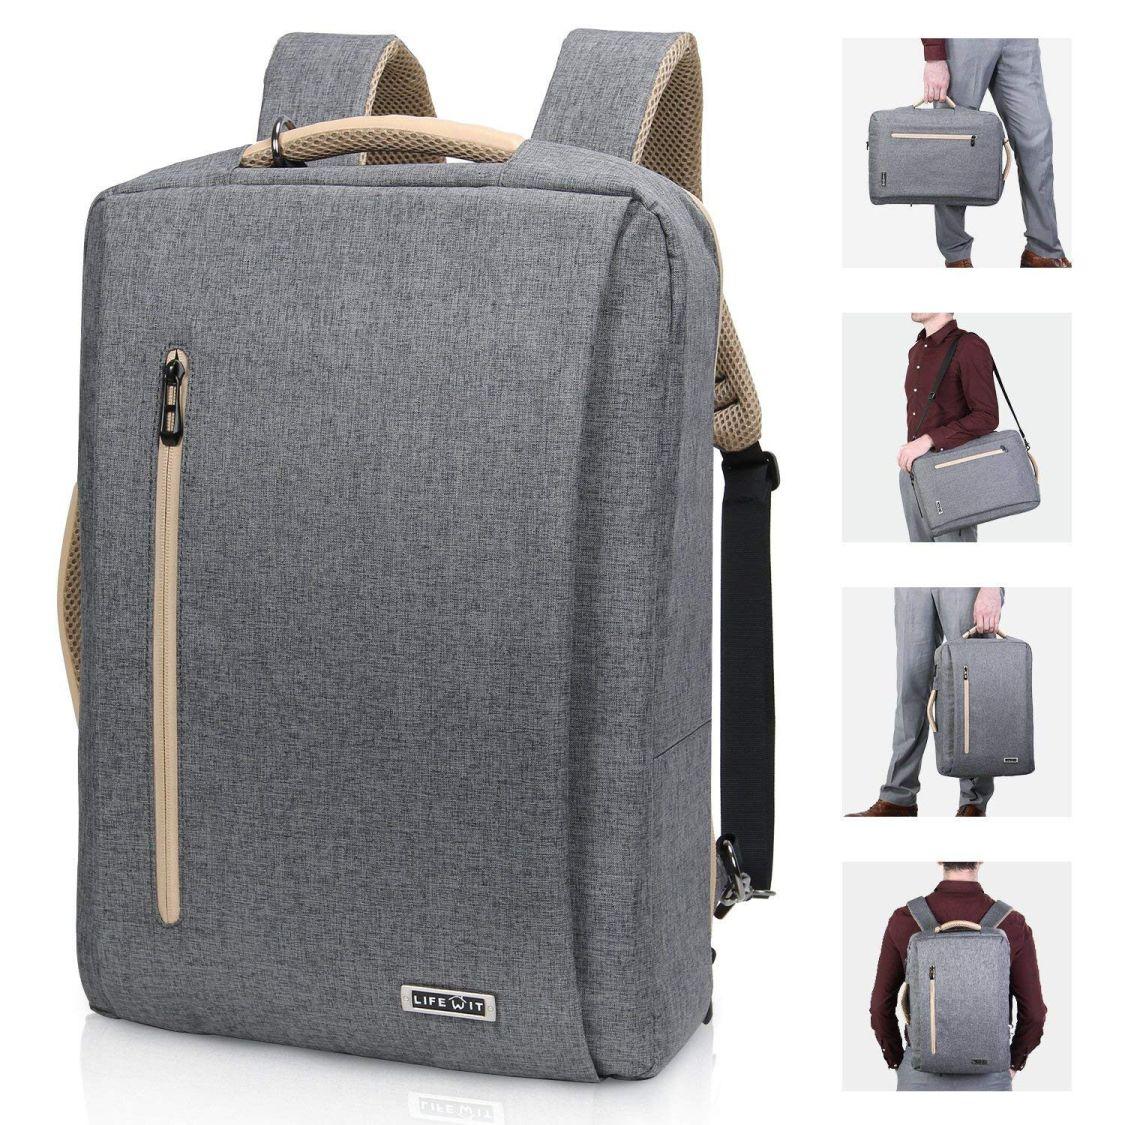 Laptop Rucksack Herren 15.6 Zoll Umhängetasche Business Arbeitstasche Taschen